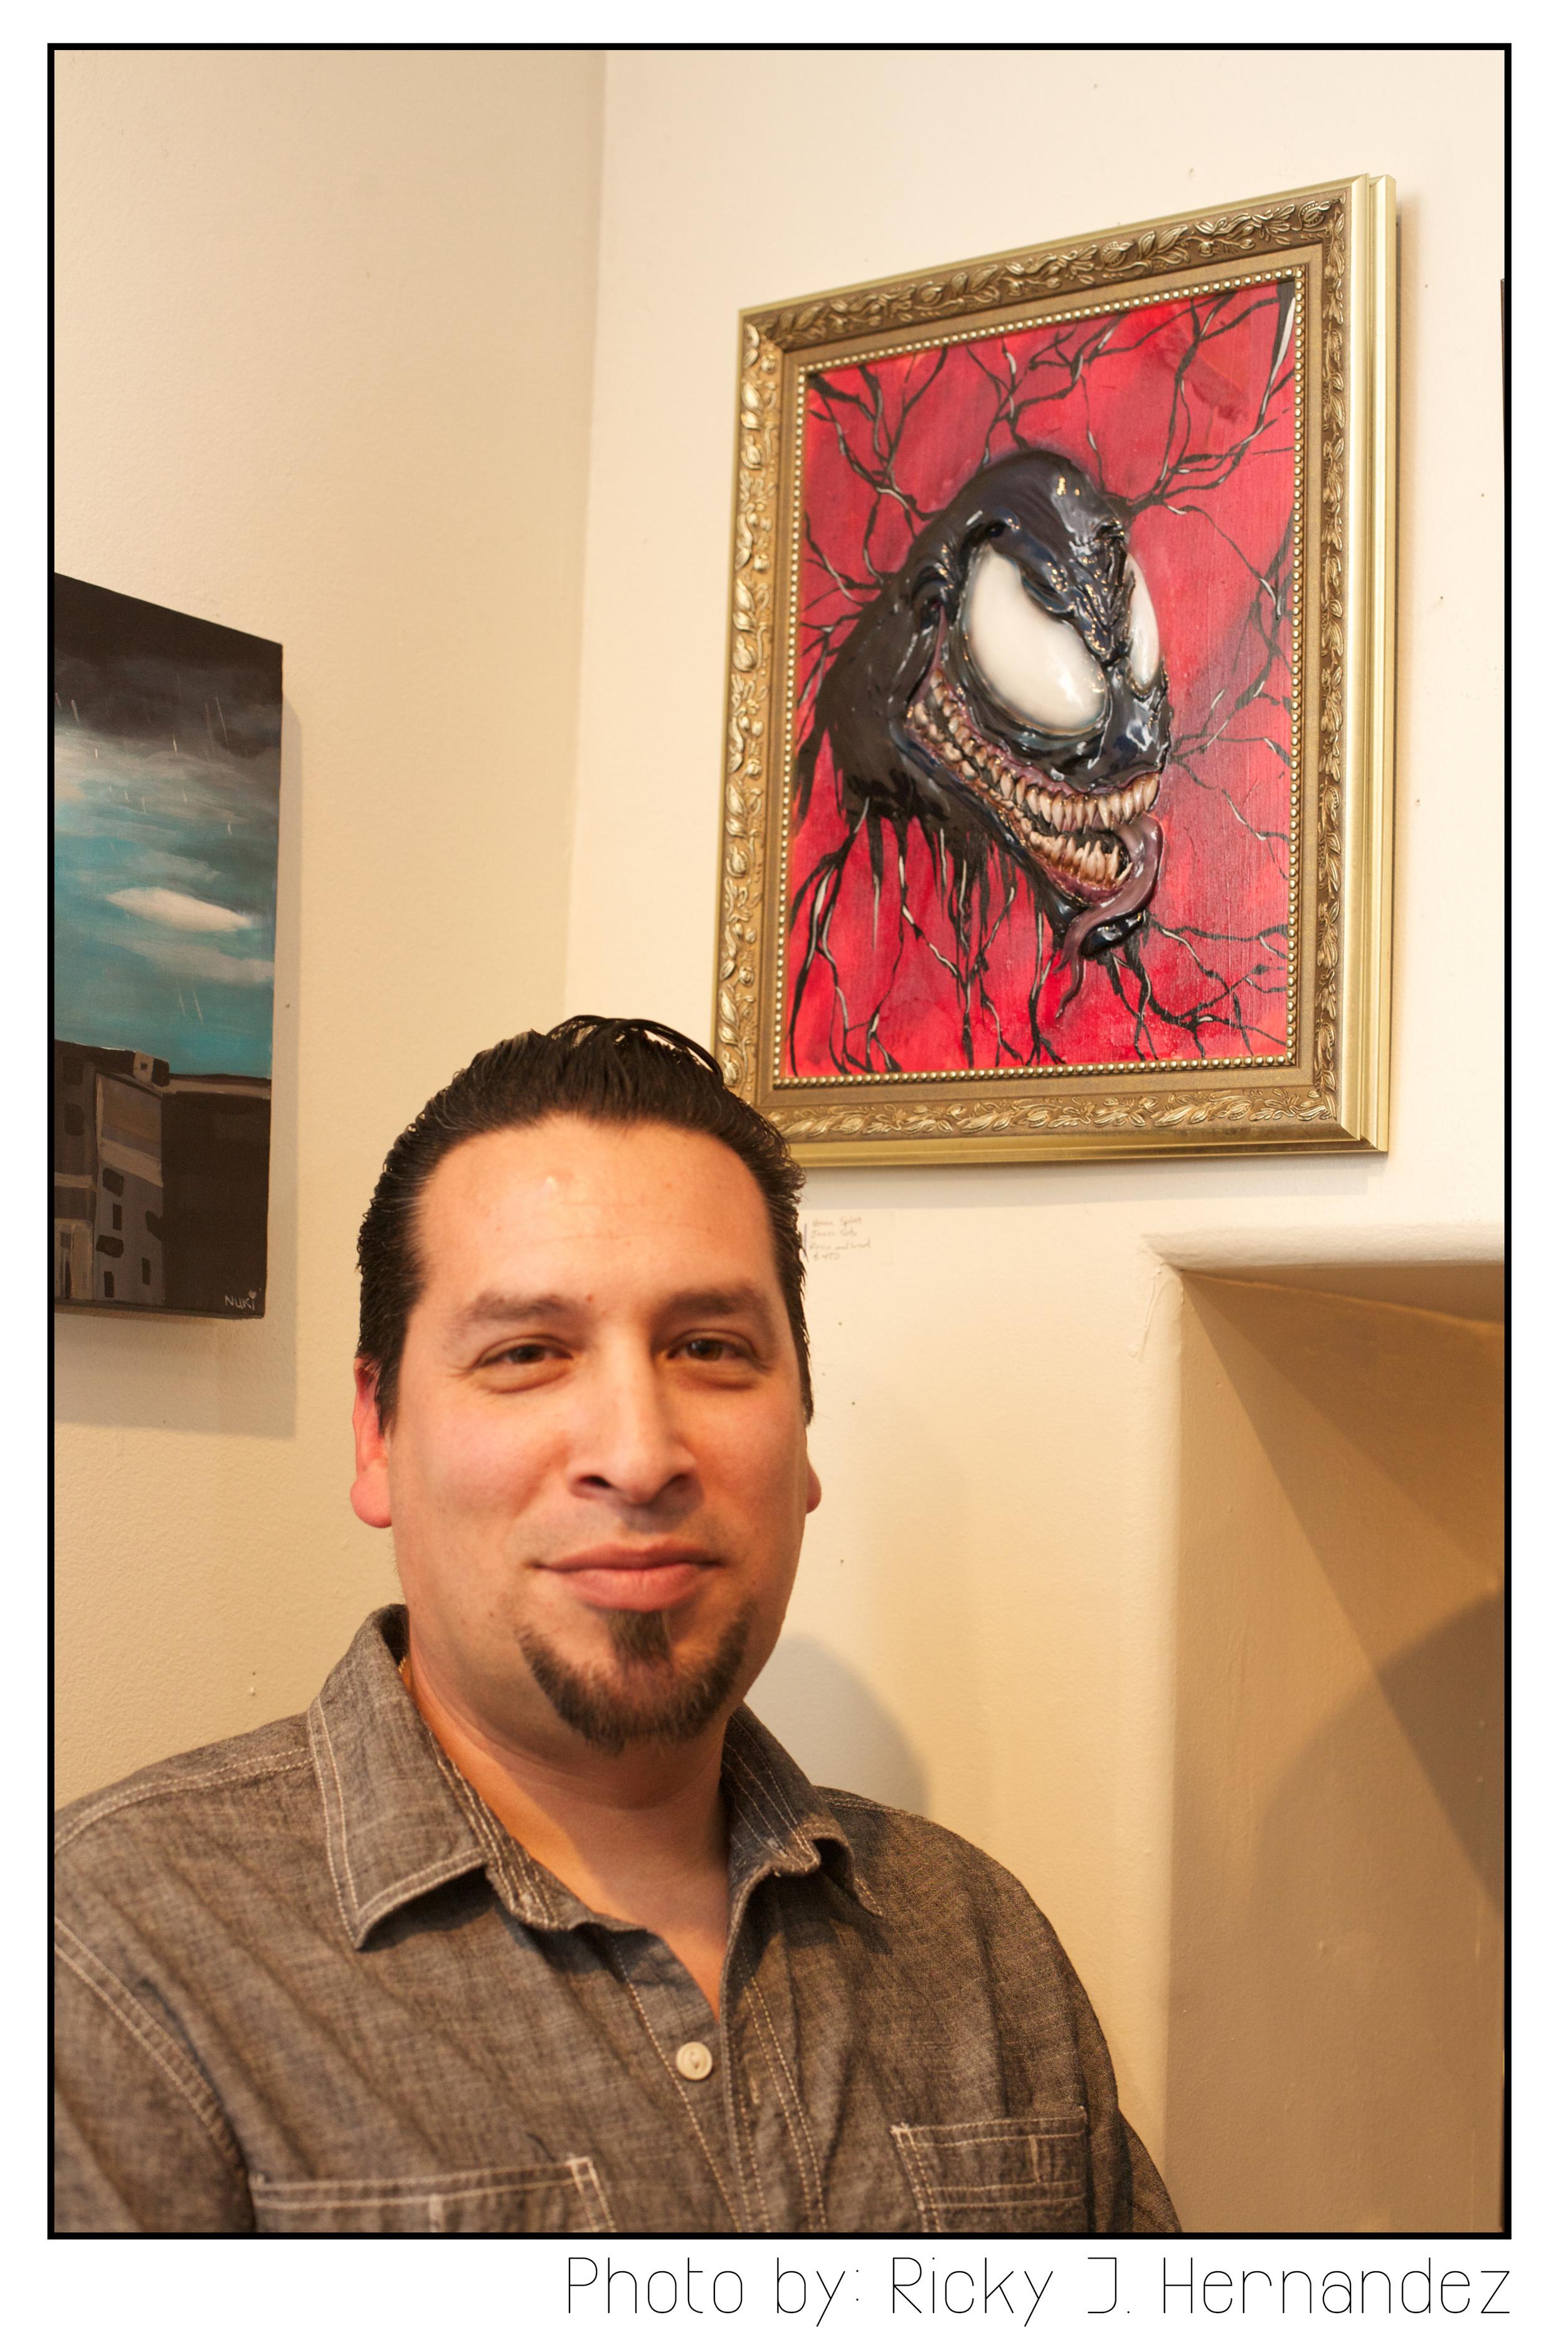 Ricky-J-Hernandez-com-714-200-3032-img-_MG_4657 copy